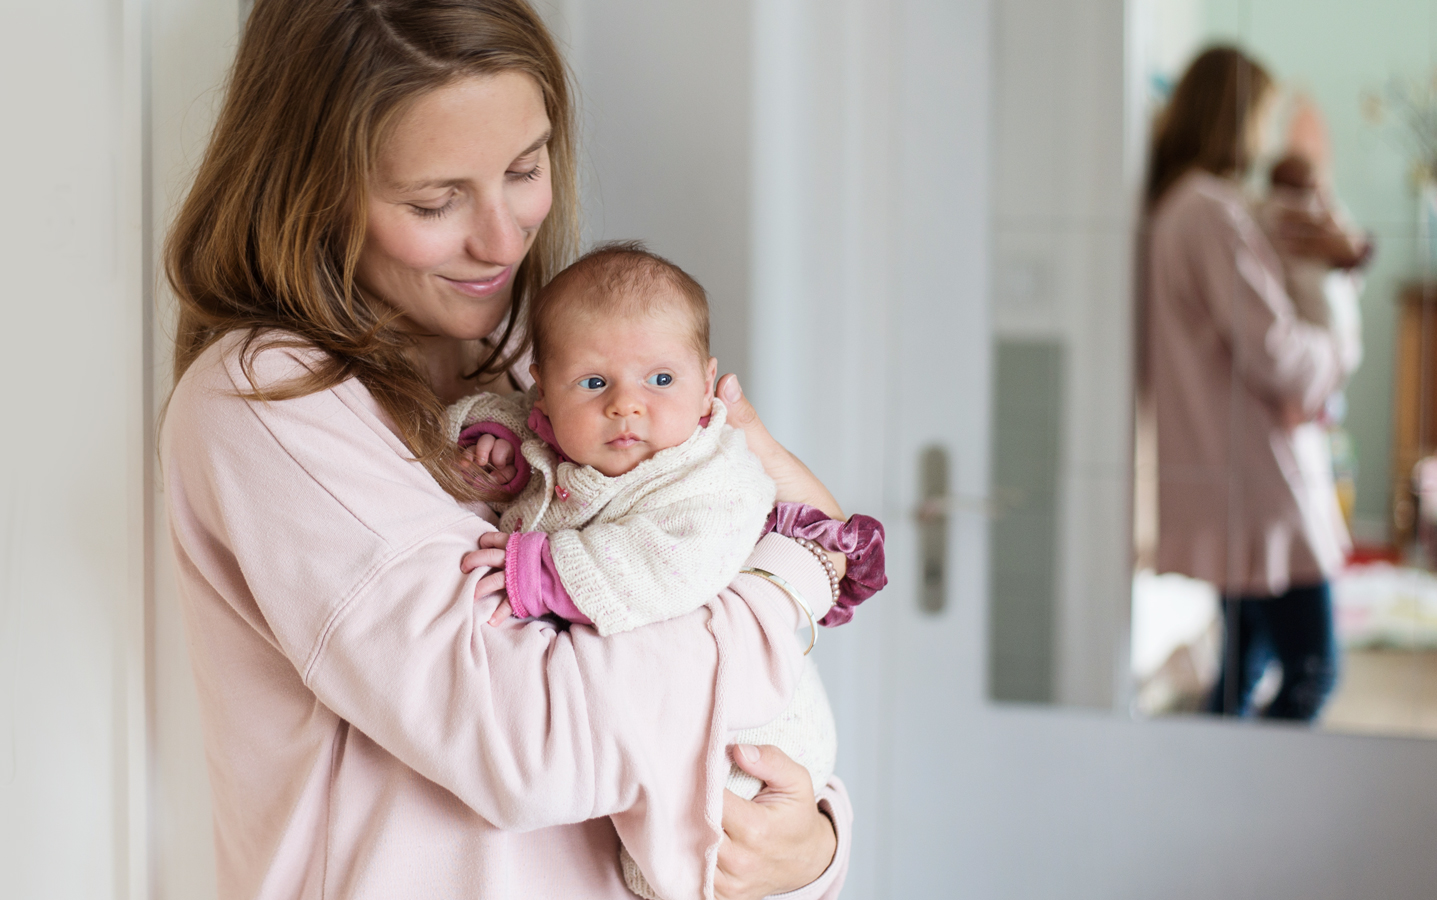 Mama hält Baby auf dem Arm im Wohnzimmer